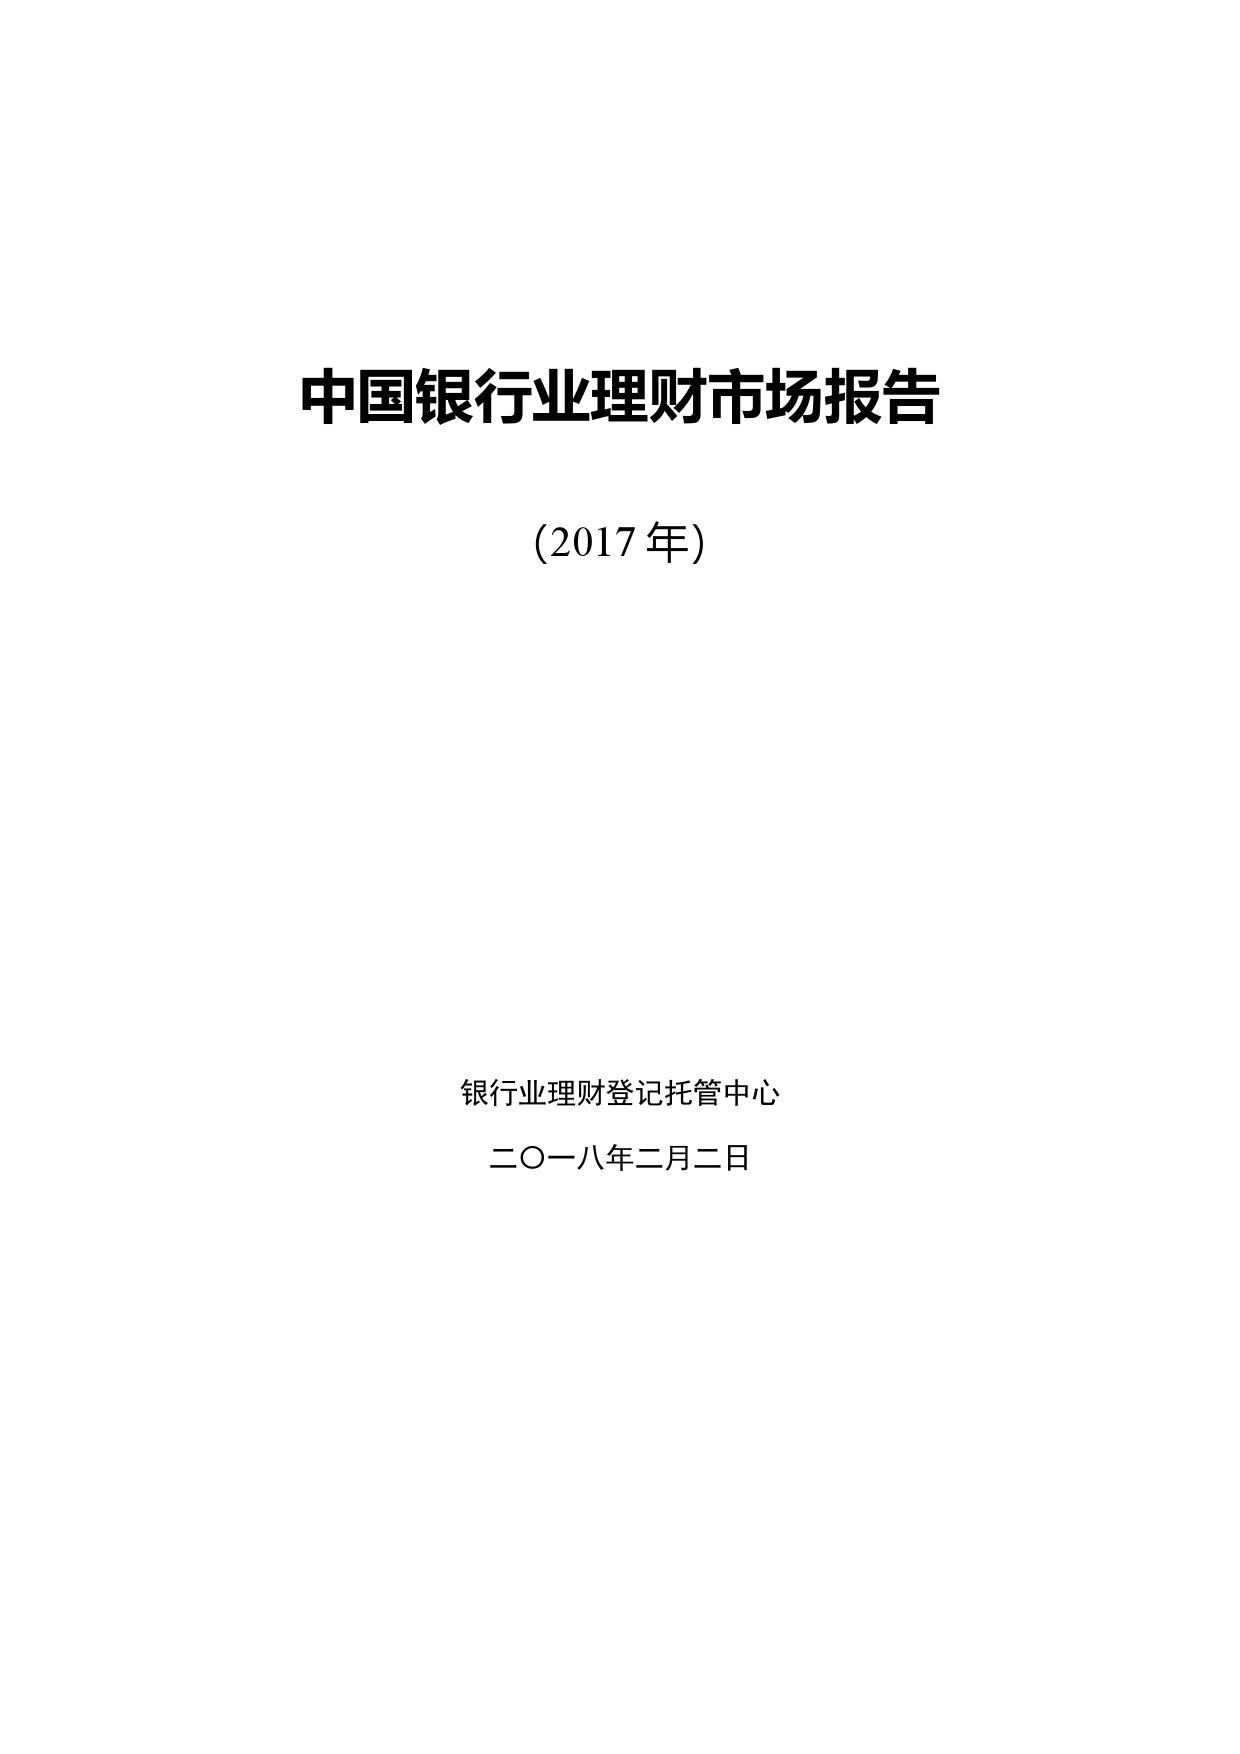 银行业理财登记托管中心:2017年中国银行业理财市场报告